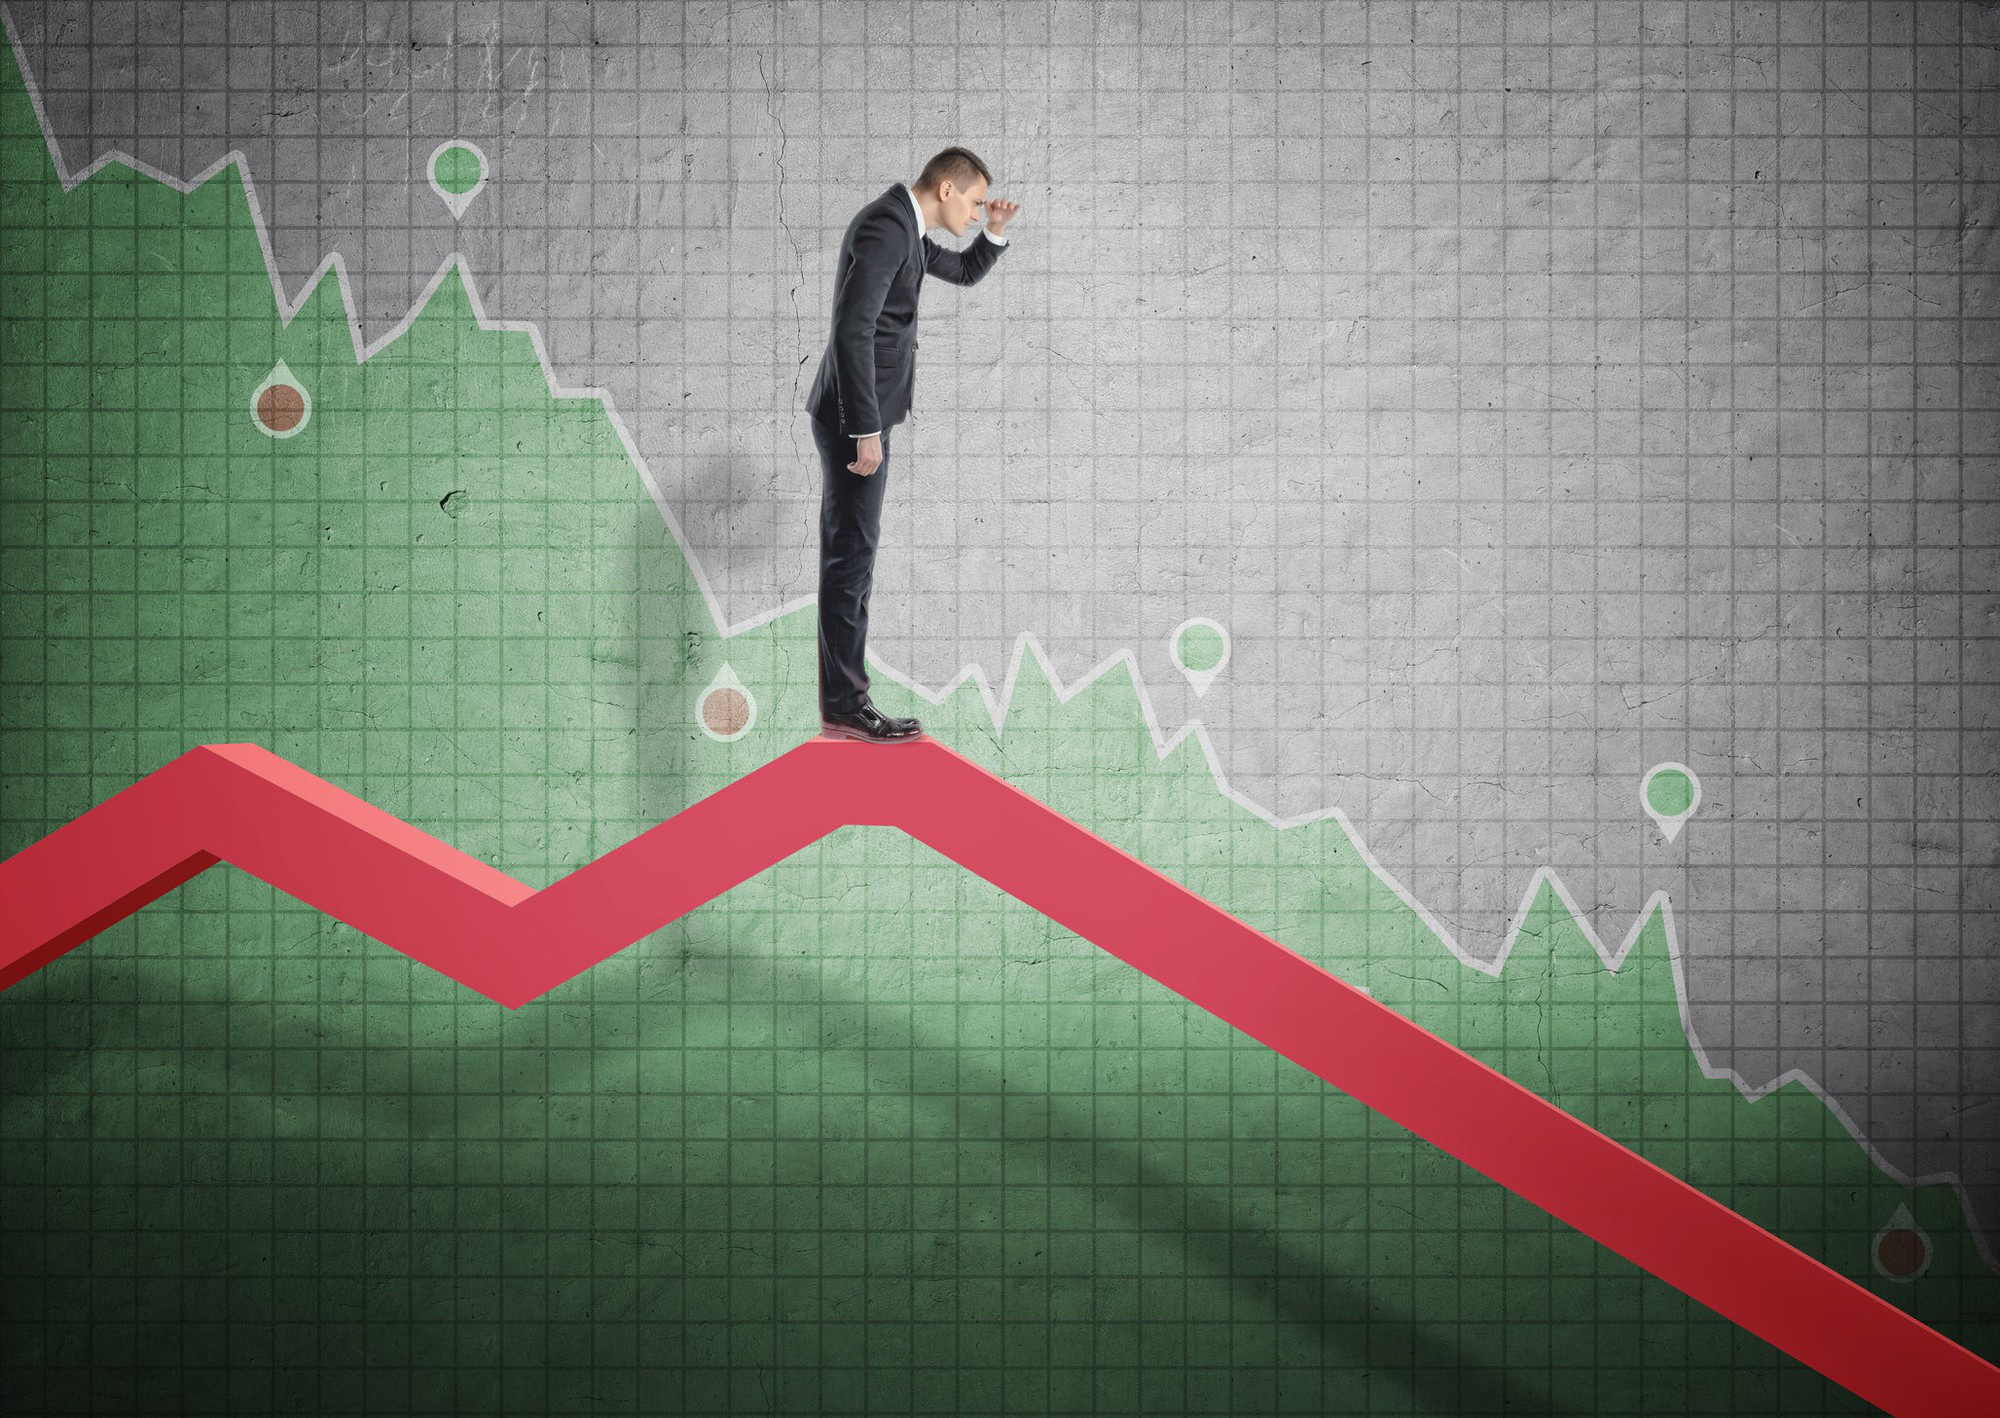 Thị trường chứng khoán 12/6 bước vào thời kỳ thoái trào? - Ảnh 1.